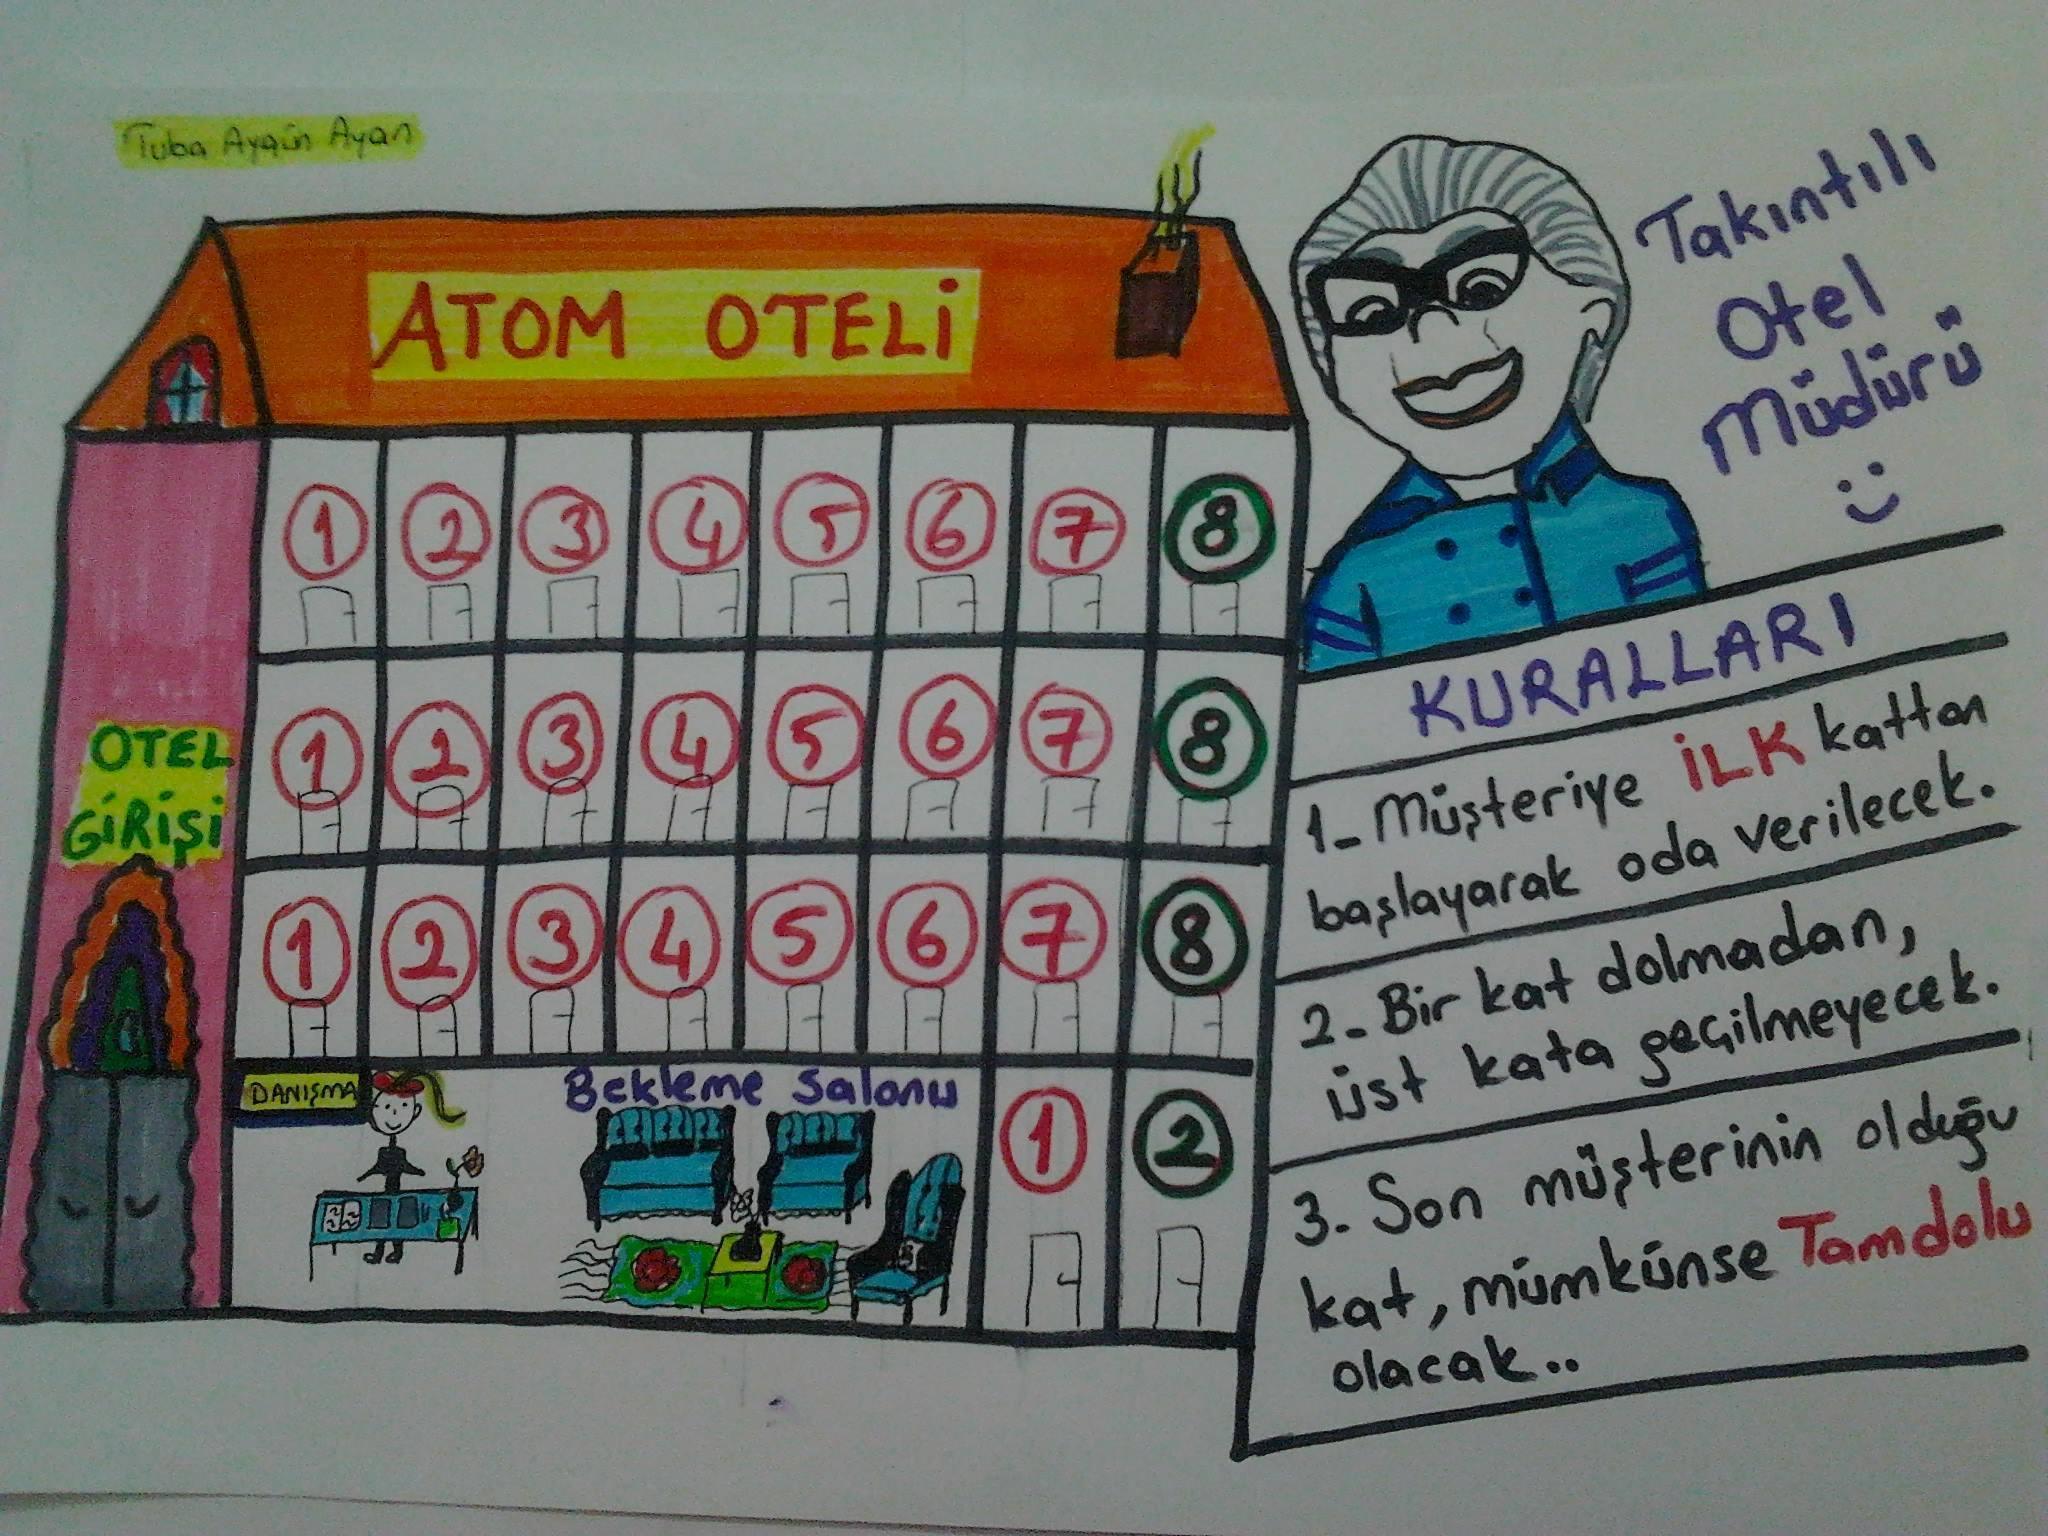 Atom  oteli